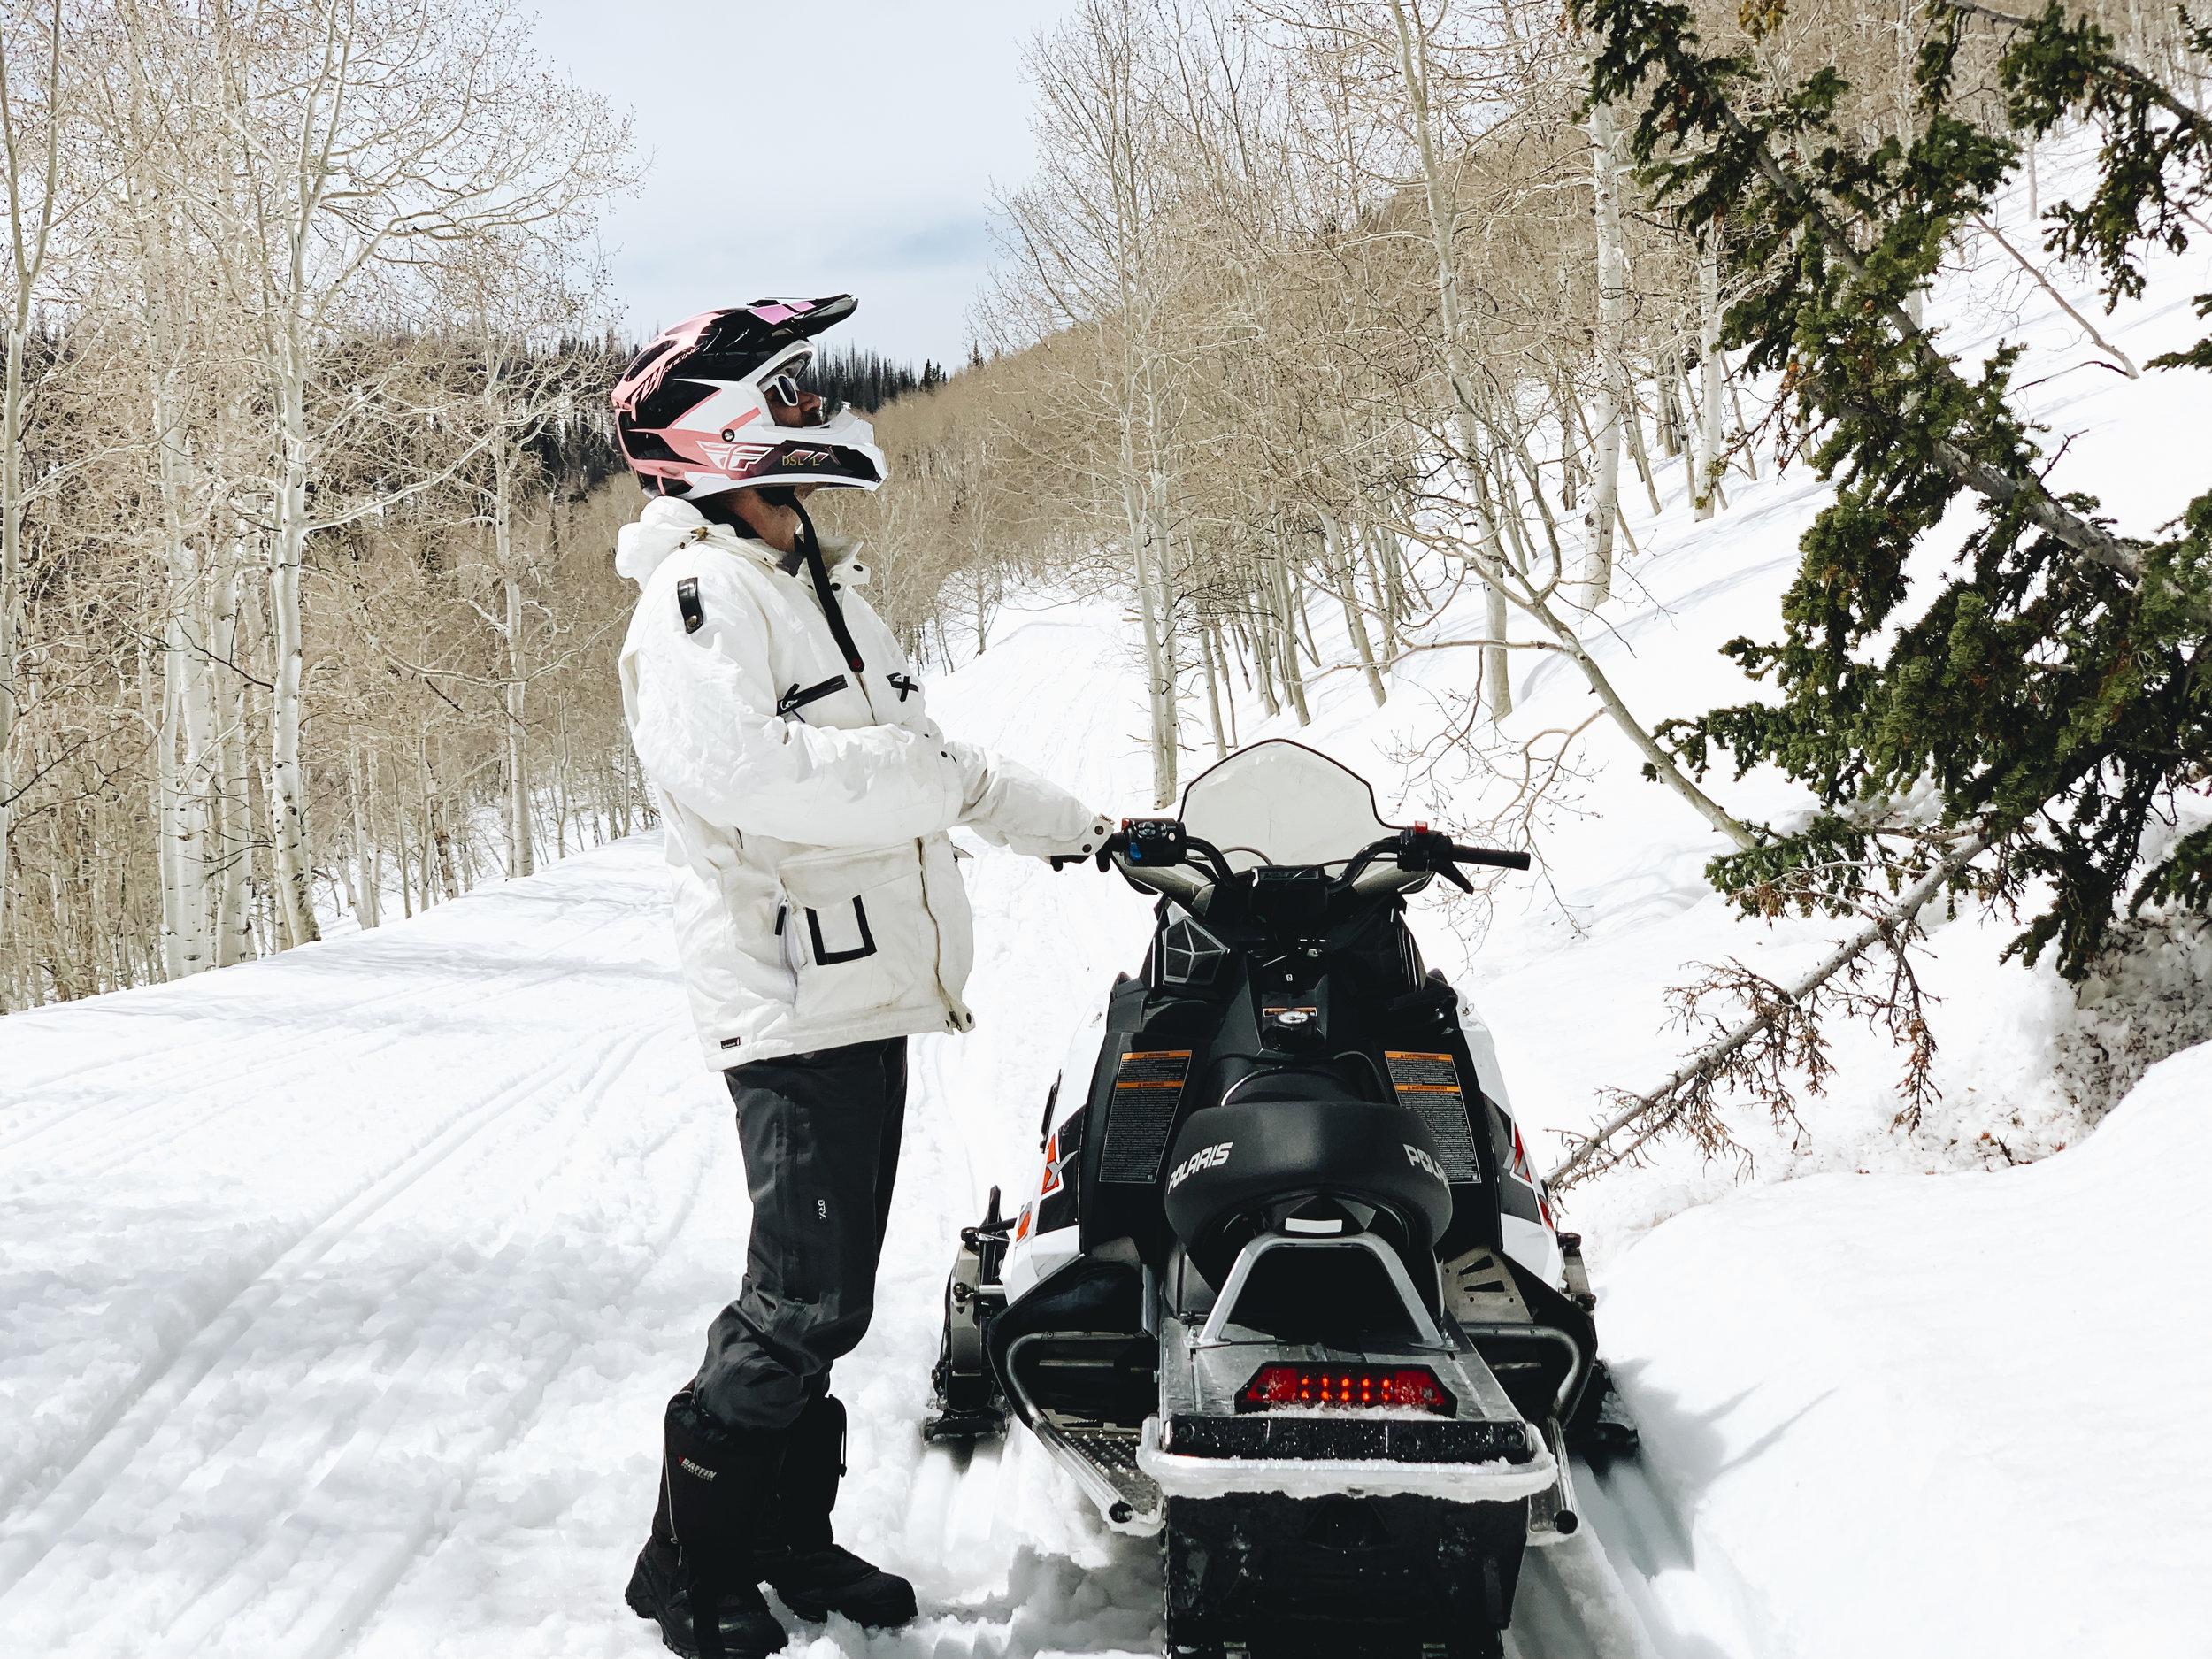 chrissihernandez-utah-parkcity-snowmobiling-2copy2500.jpg